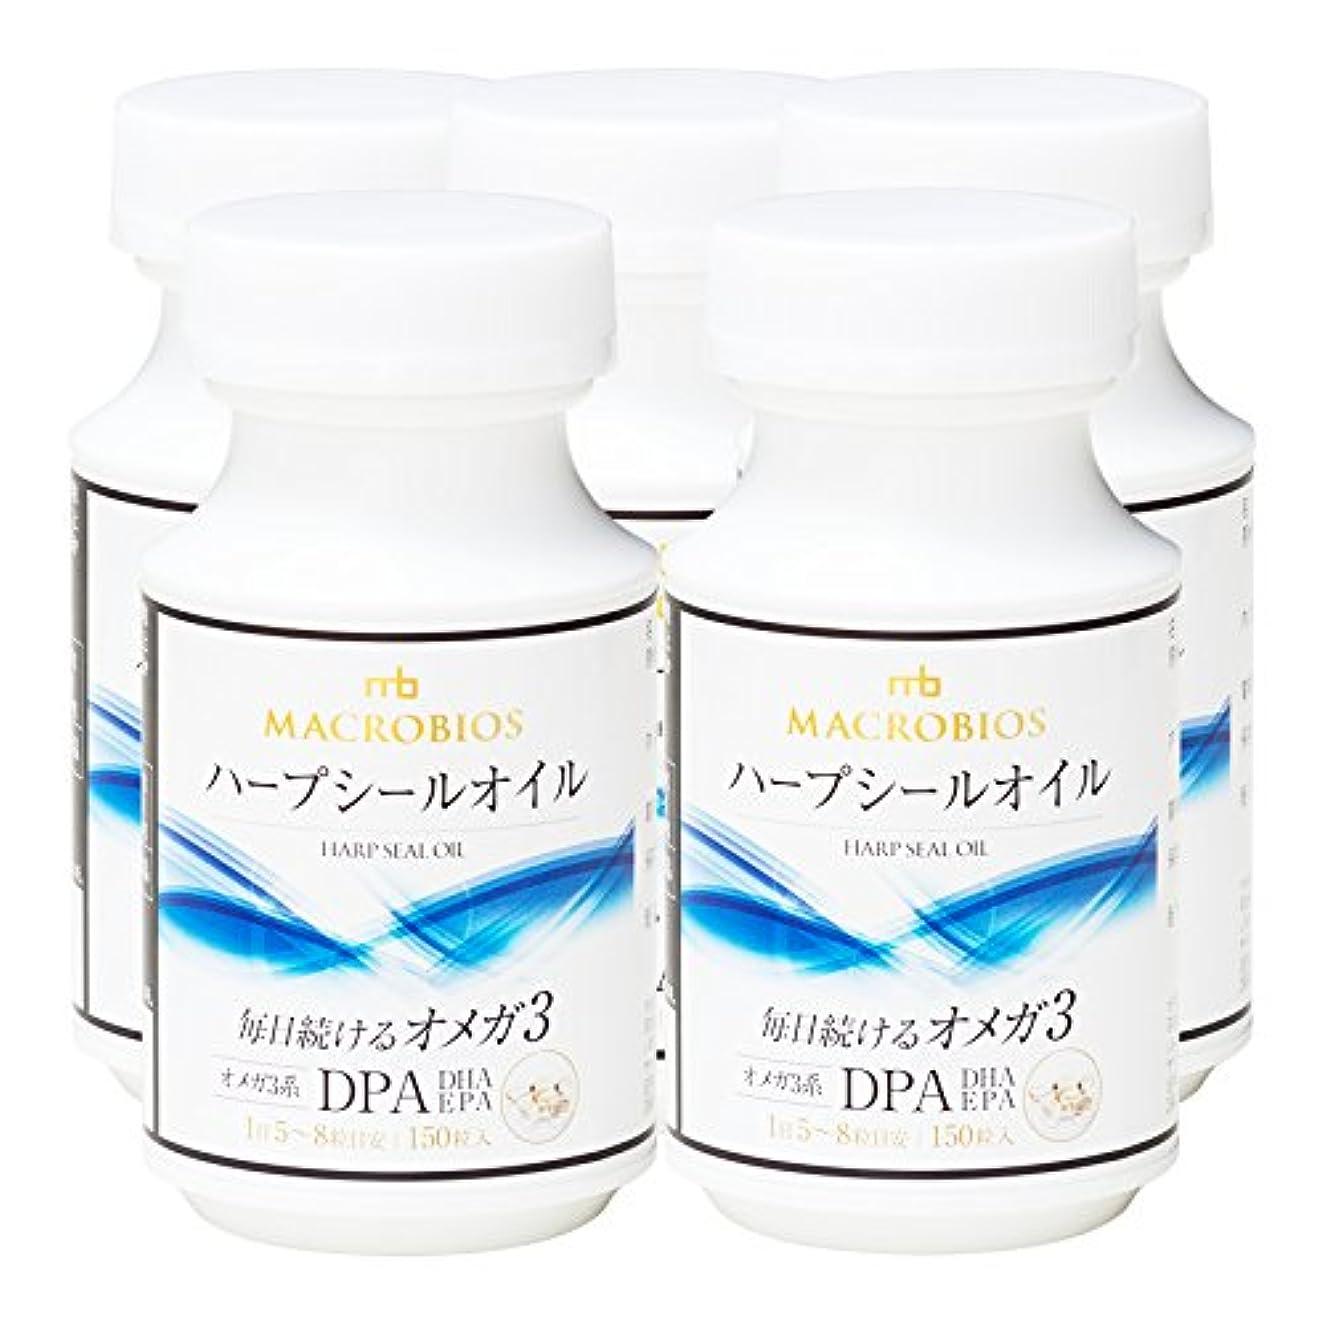 骨フラップシチリアハープシールオイル 150粒 (アザラシ油) DPA DHA EPA オメガ3 サプリメント (5個セット)